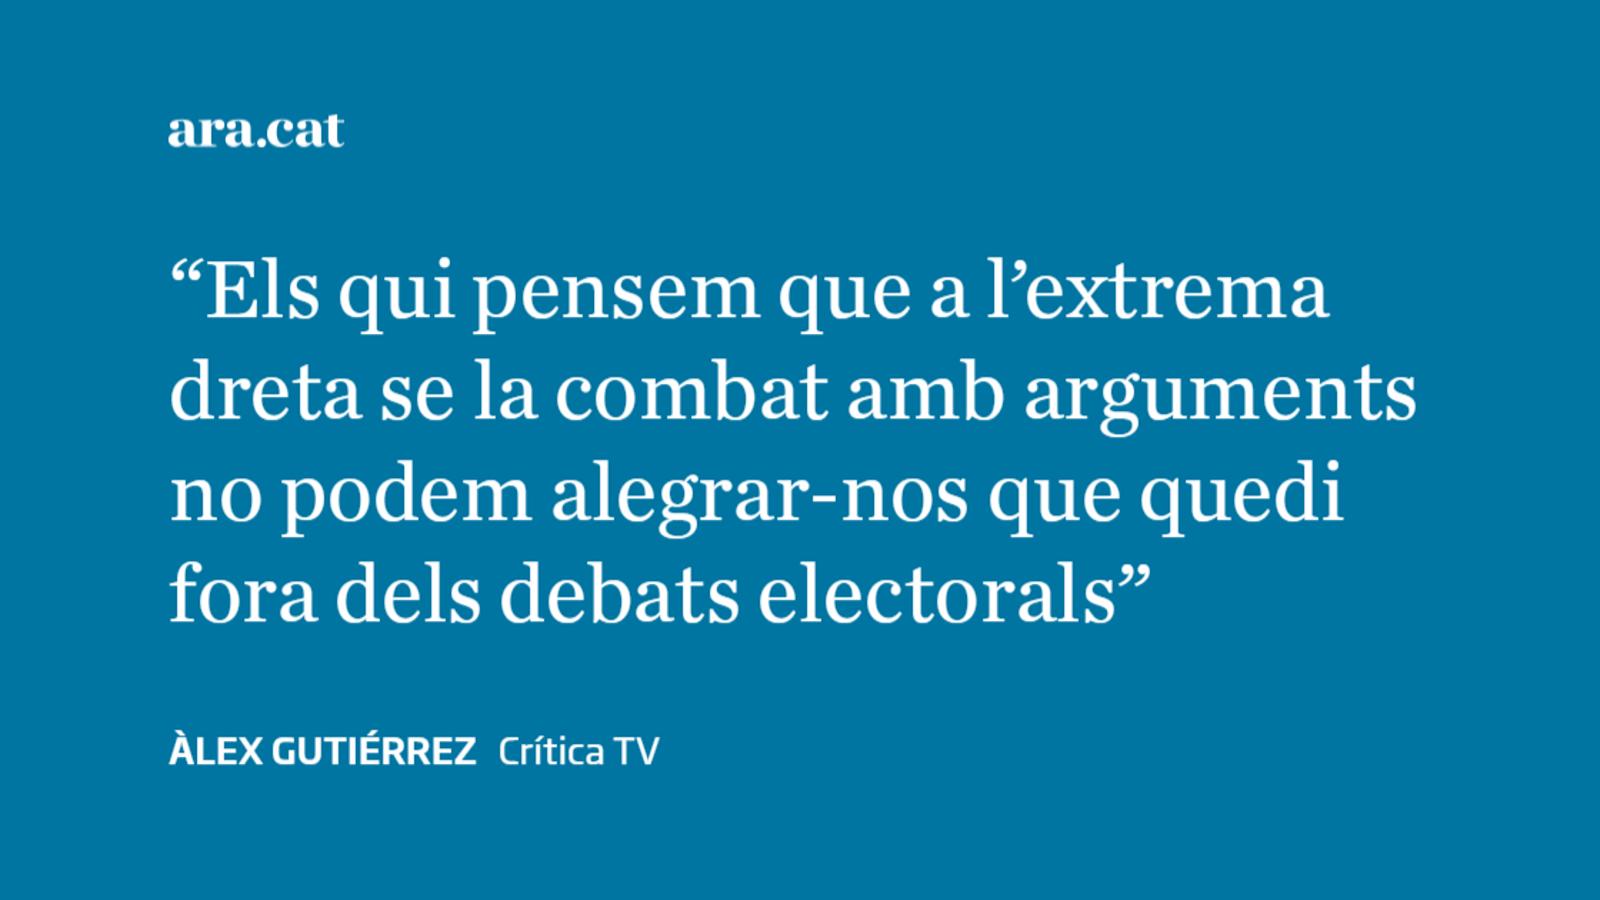 Els debats ja tenen perdedor i guanyador: Sánchez i Abascal